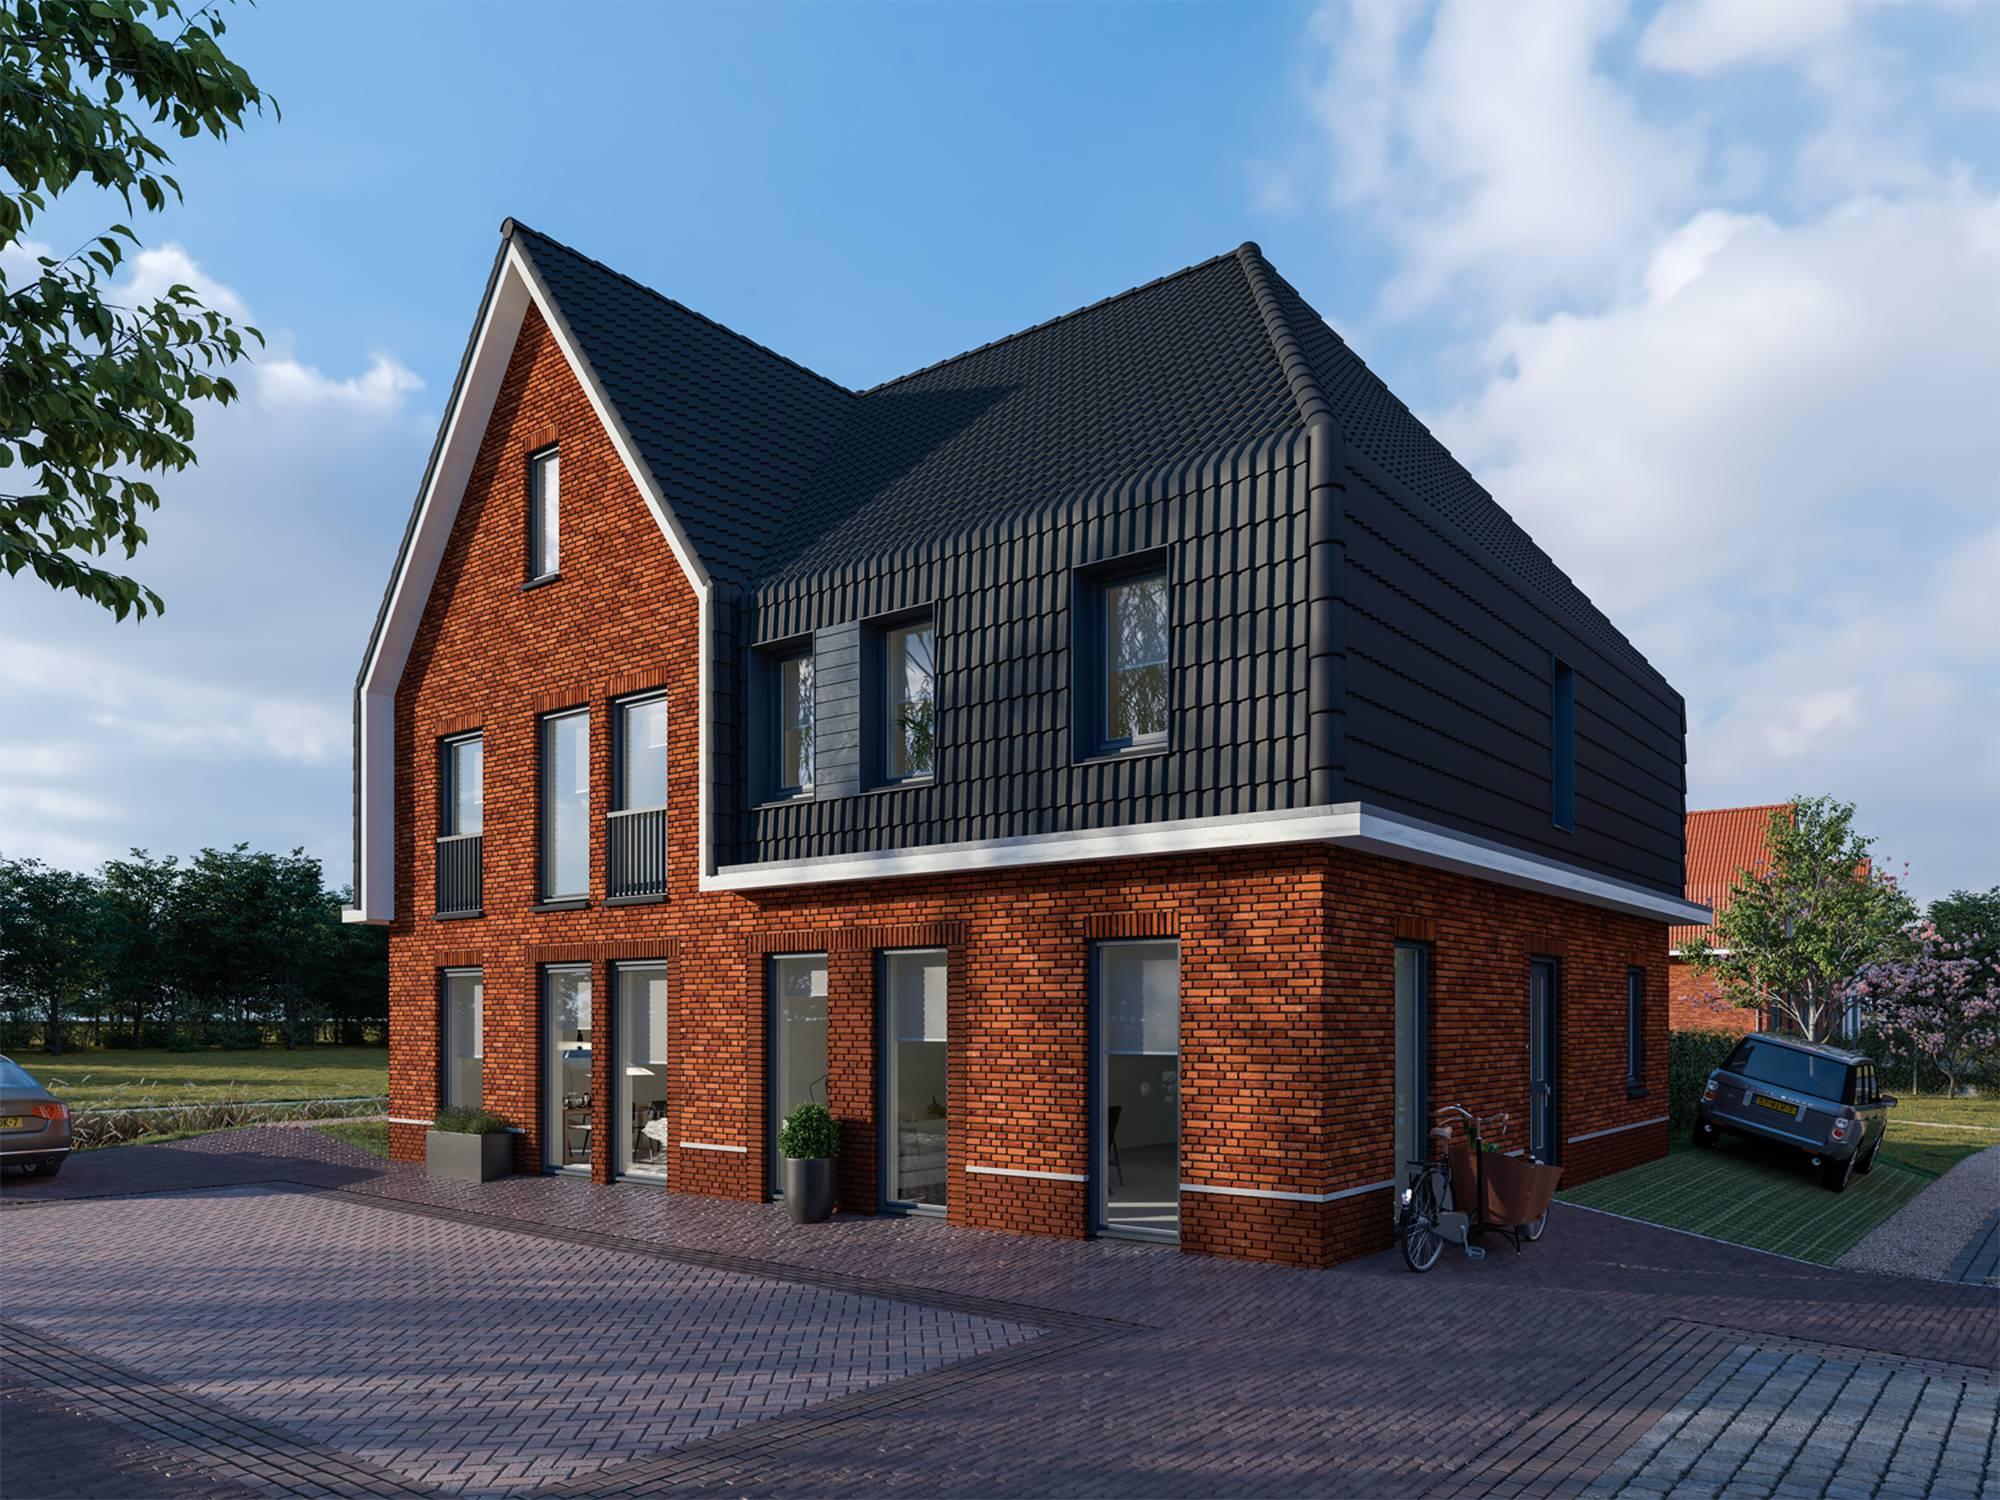 Van der Kooy Vastgoed, Leeuwenhoeve - Zegwaartseweg (4)